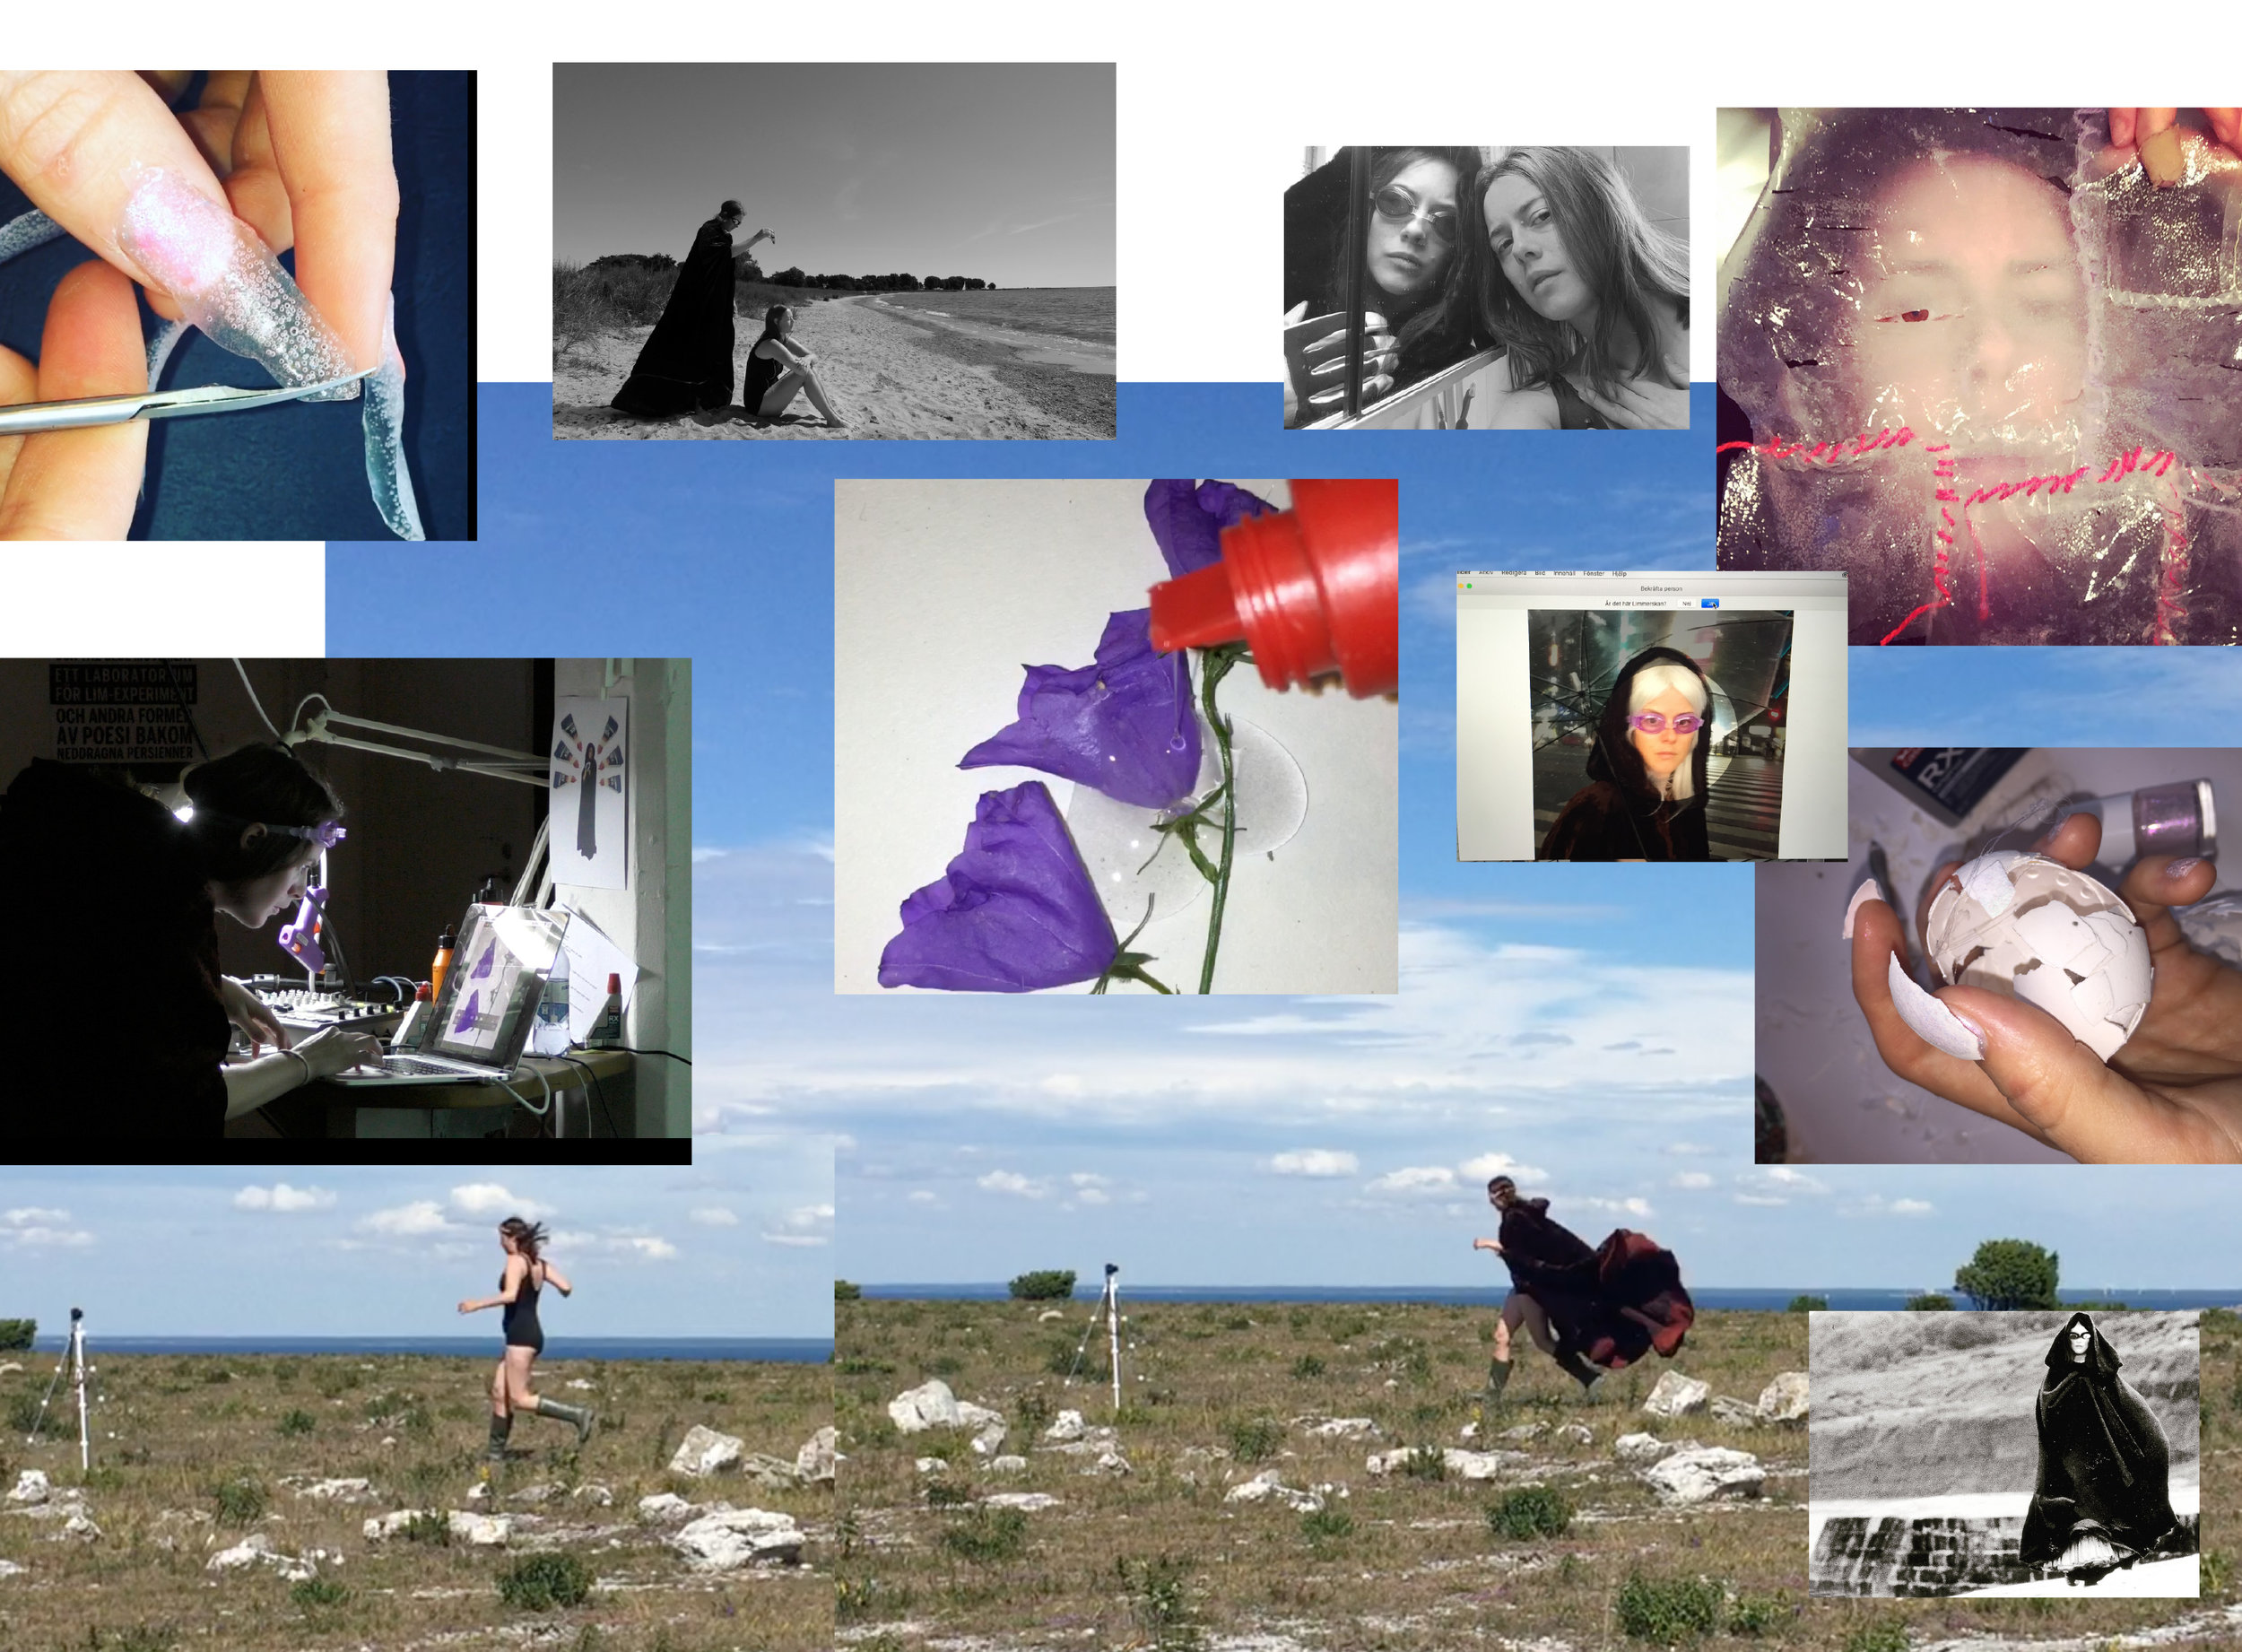 Limmerskan collage.jpg